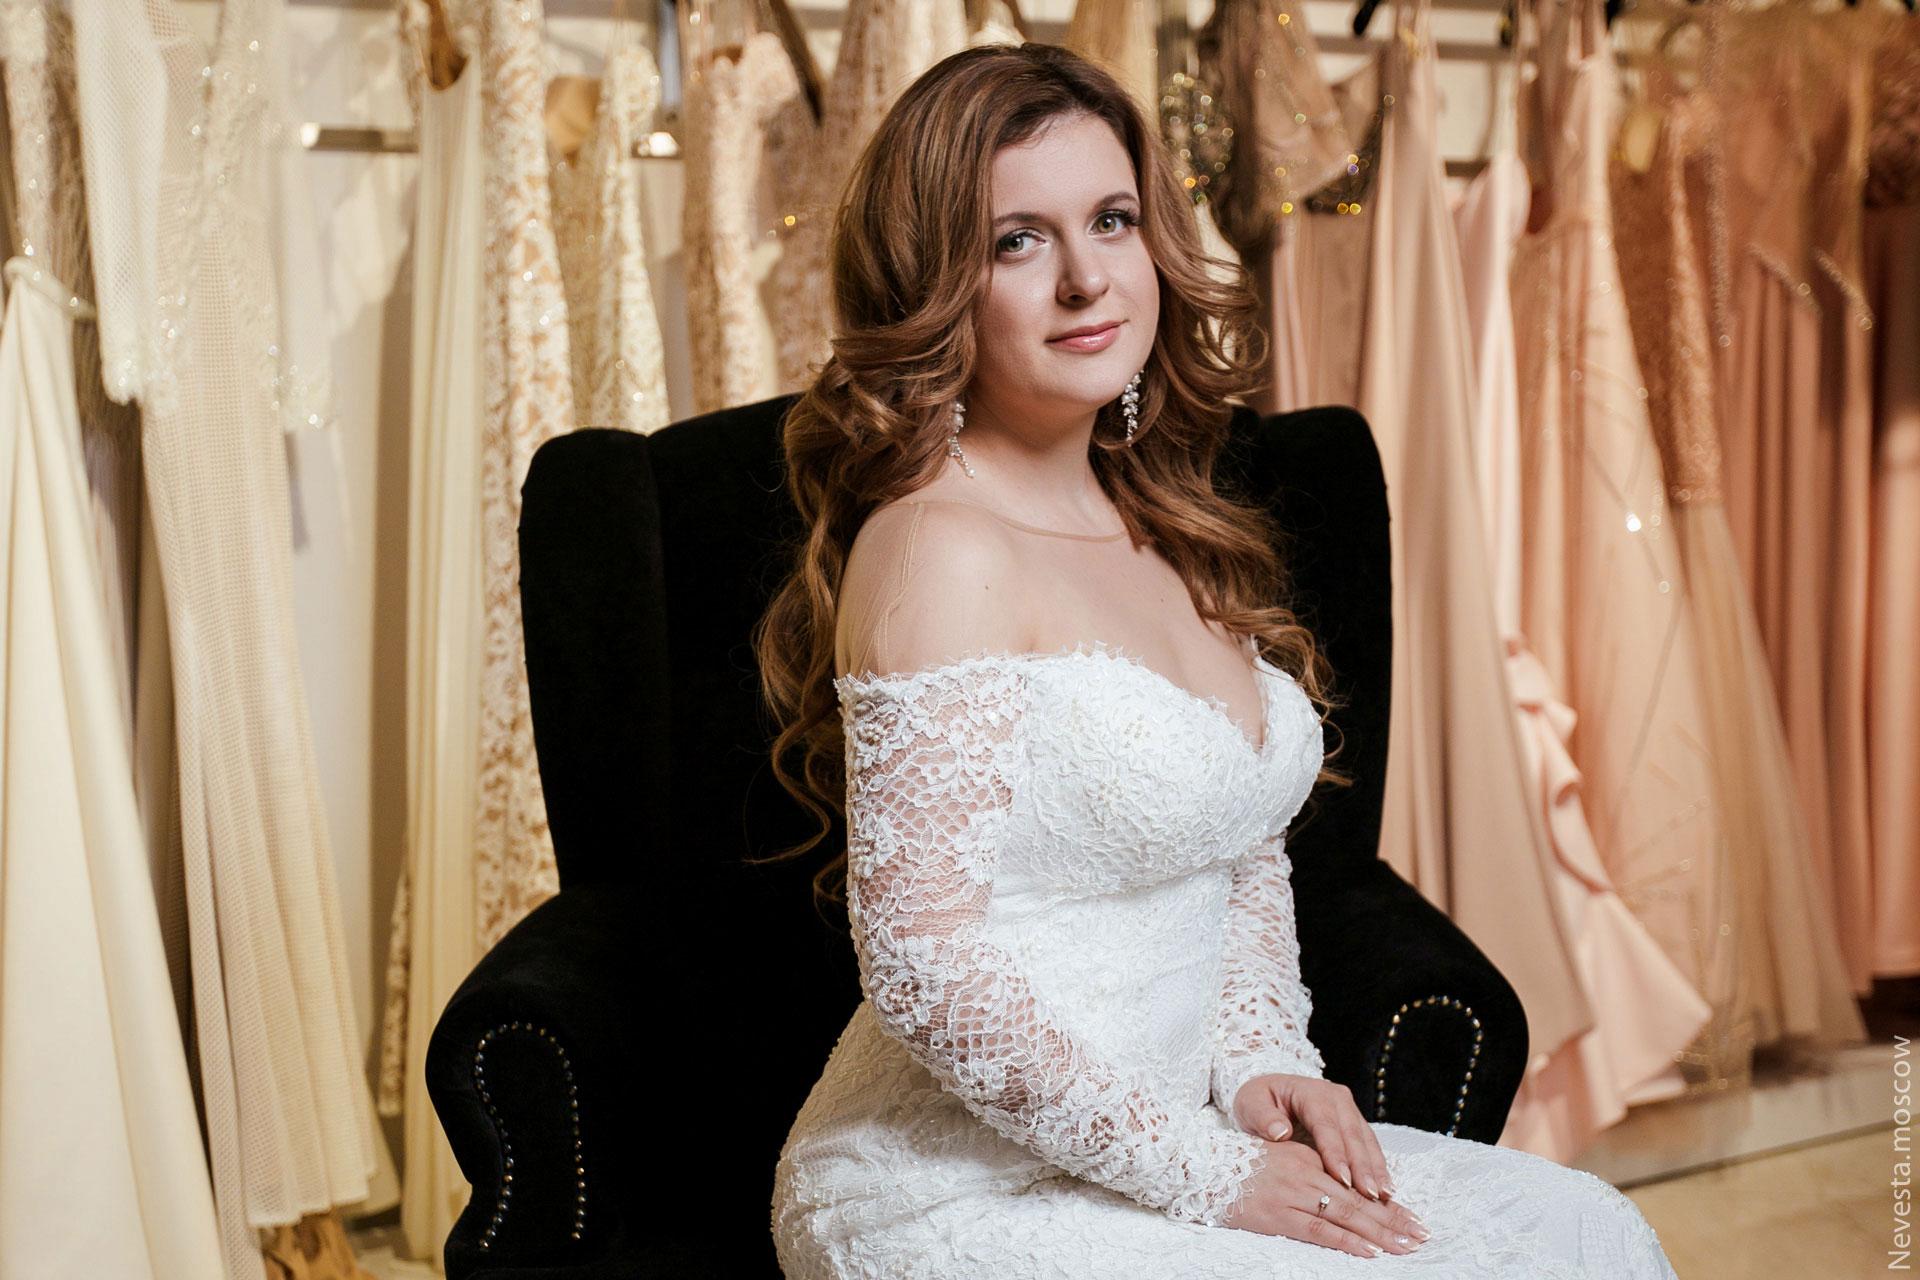 Анастасия Денисова выбирает образ для своей свадьбы фото 15